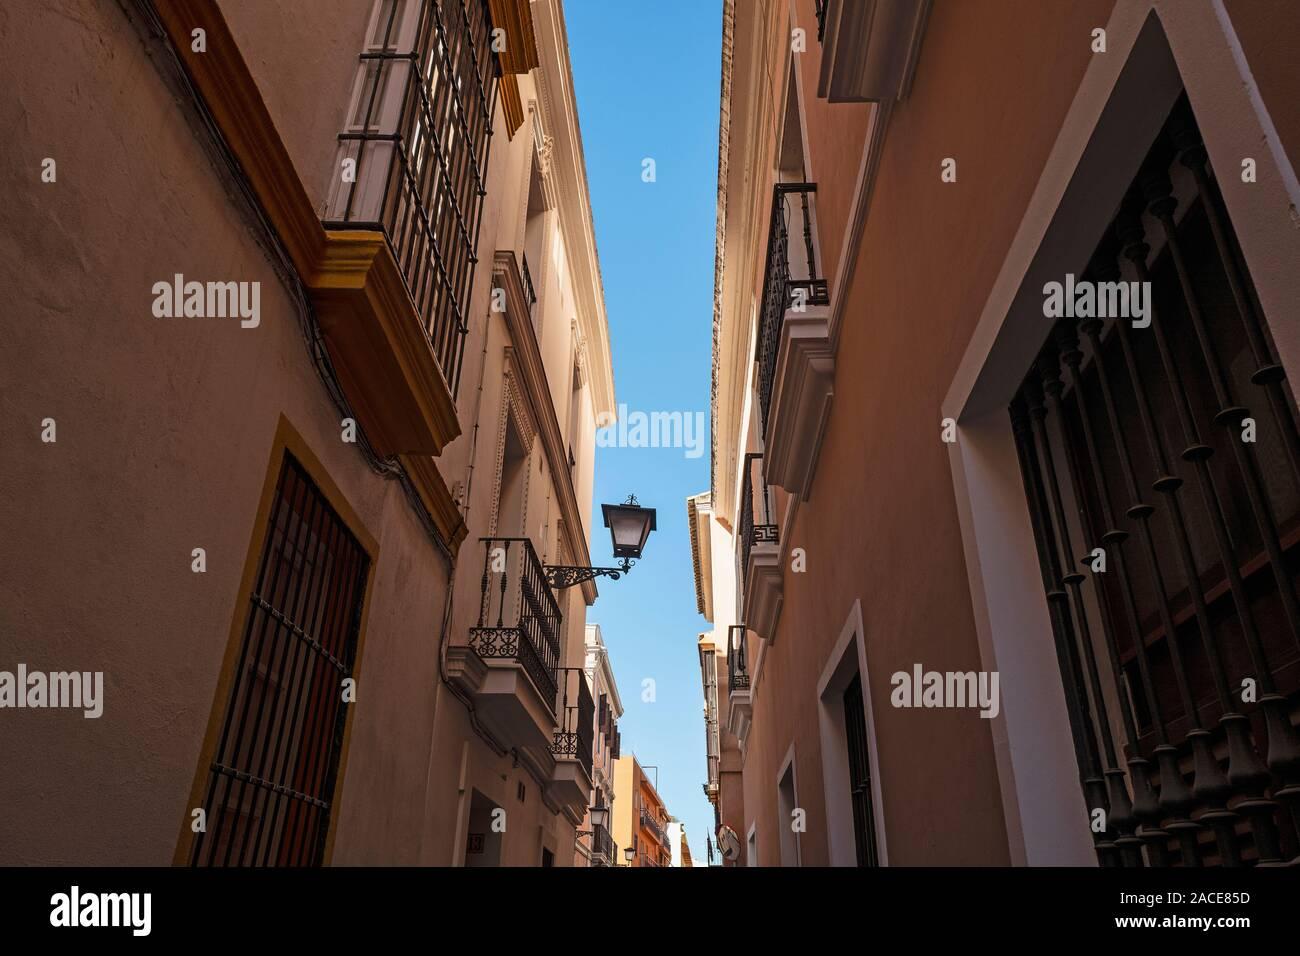 Schmale Straßen in EL Arenal - museo Viertel von Sevilla, Andalusien, Spanien Stockfoto